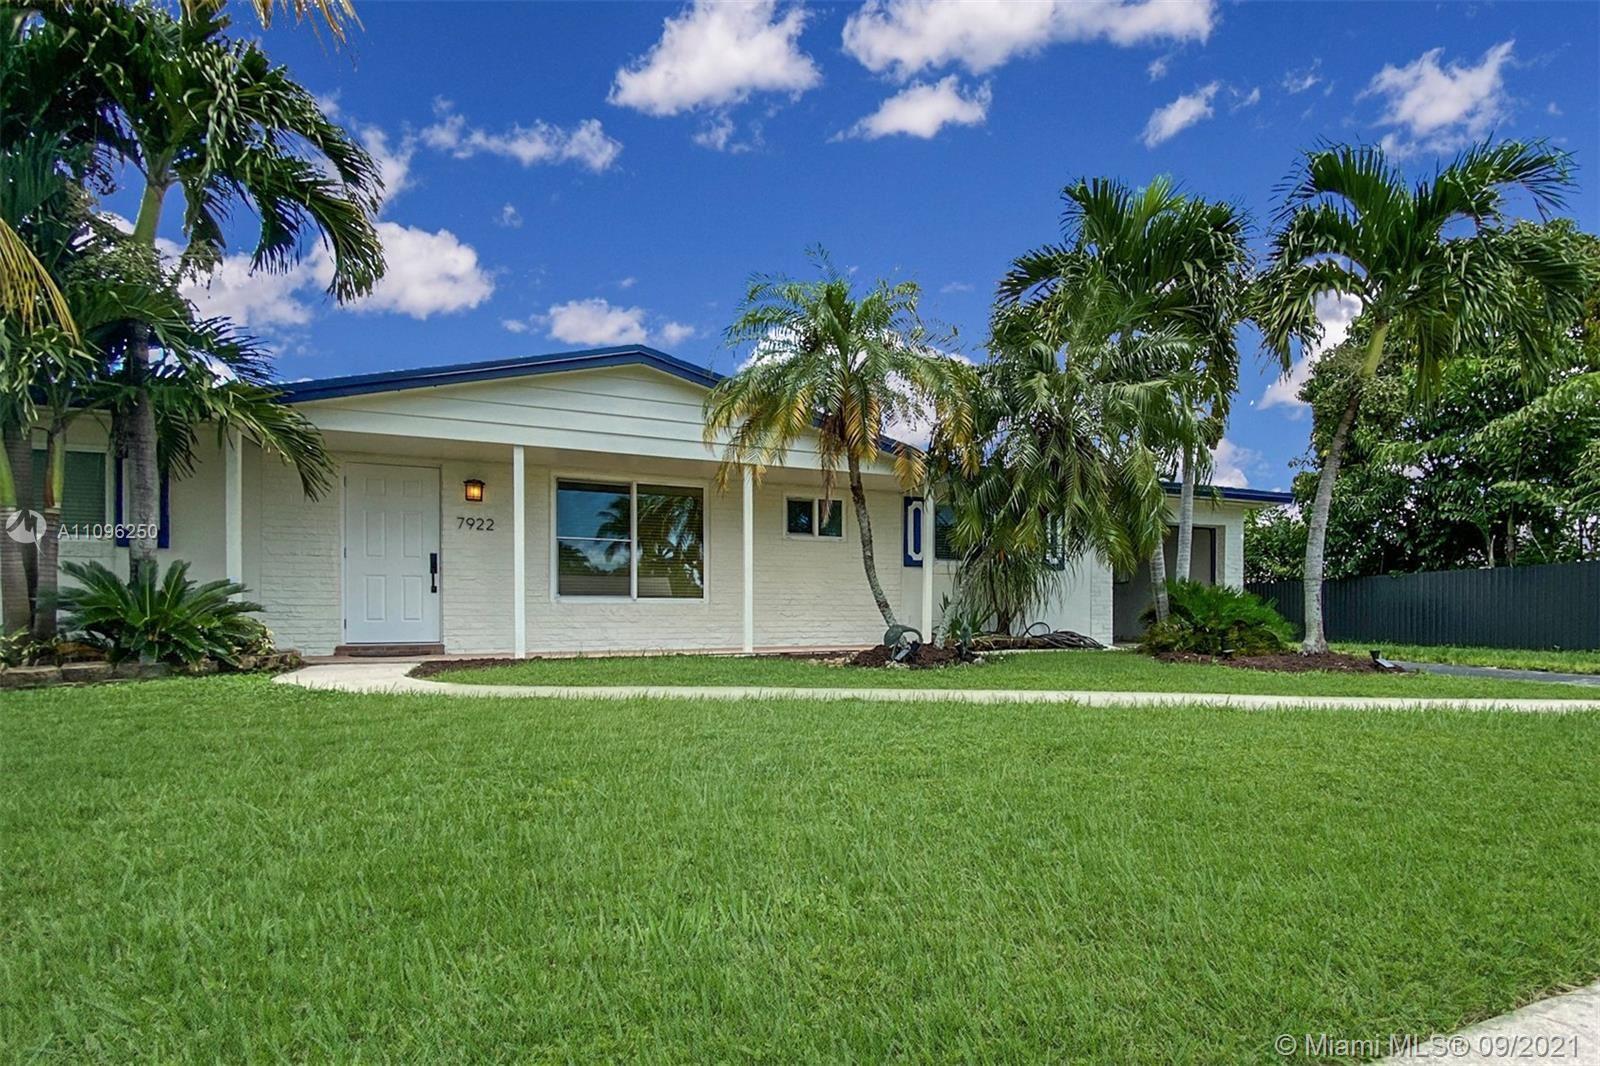 7922 SW 146th Ave, Miami, FL 33183 - #: A11096250